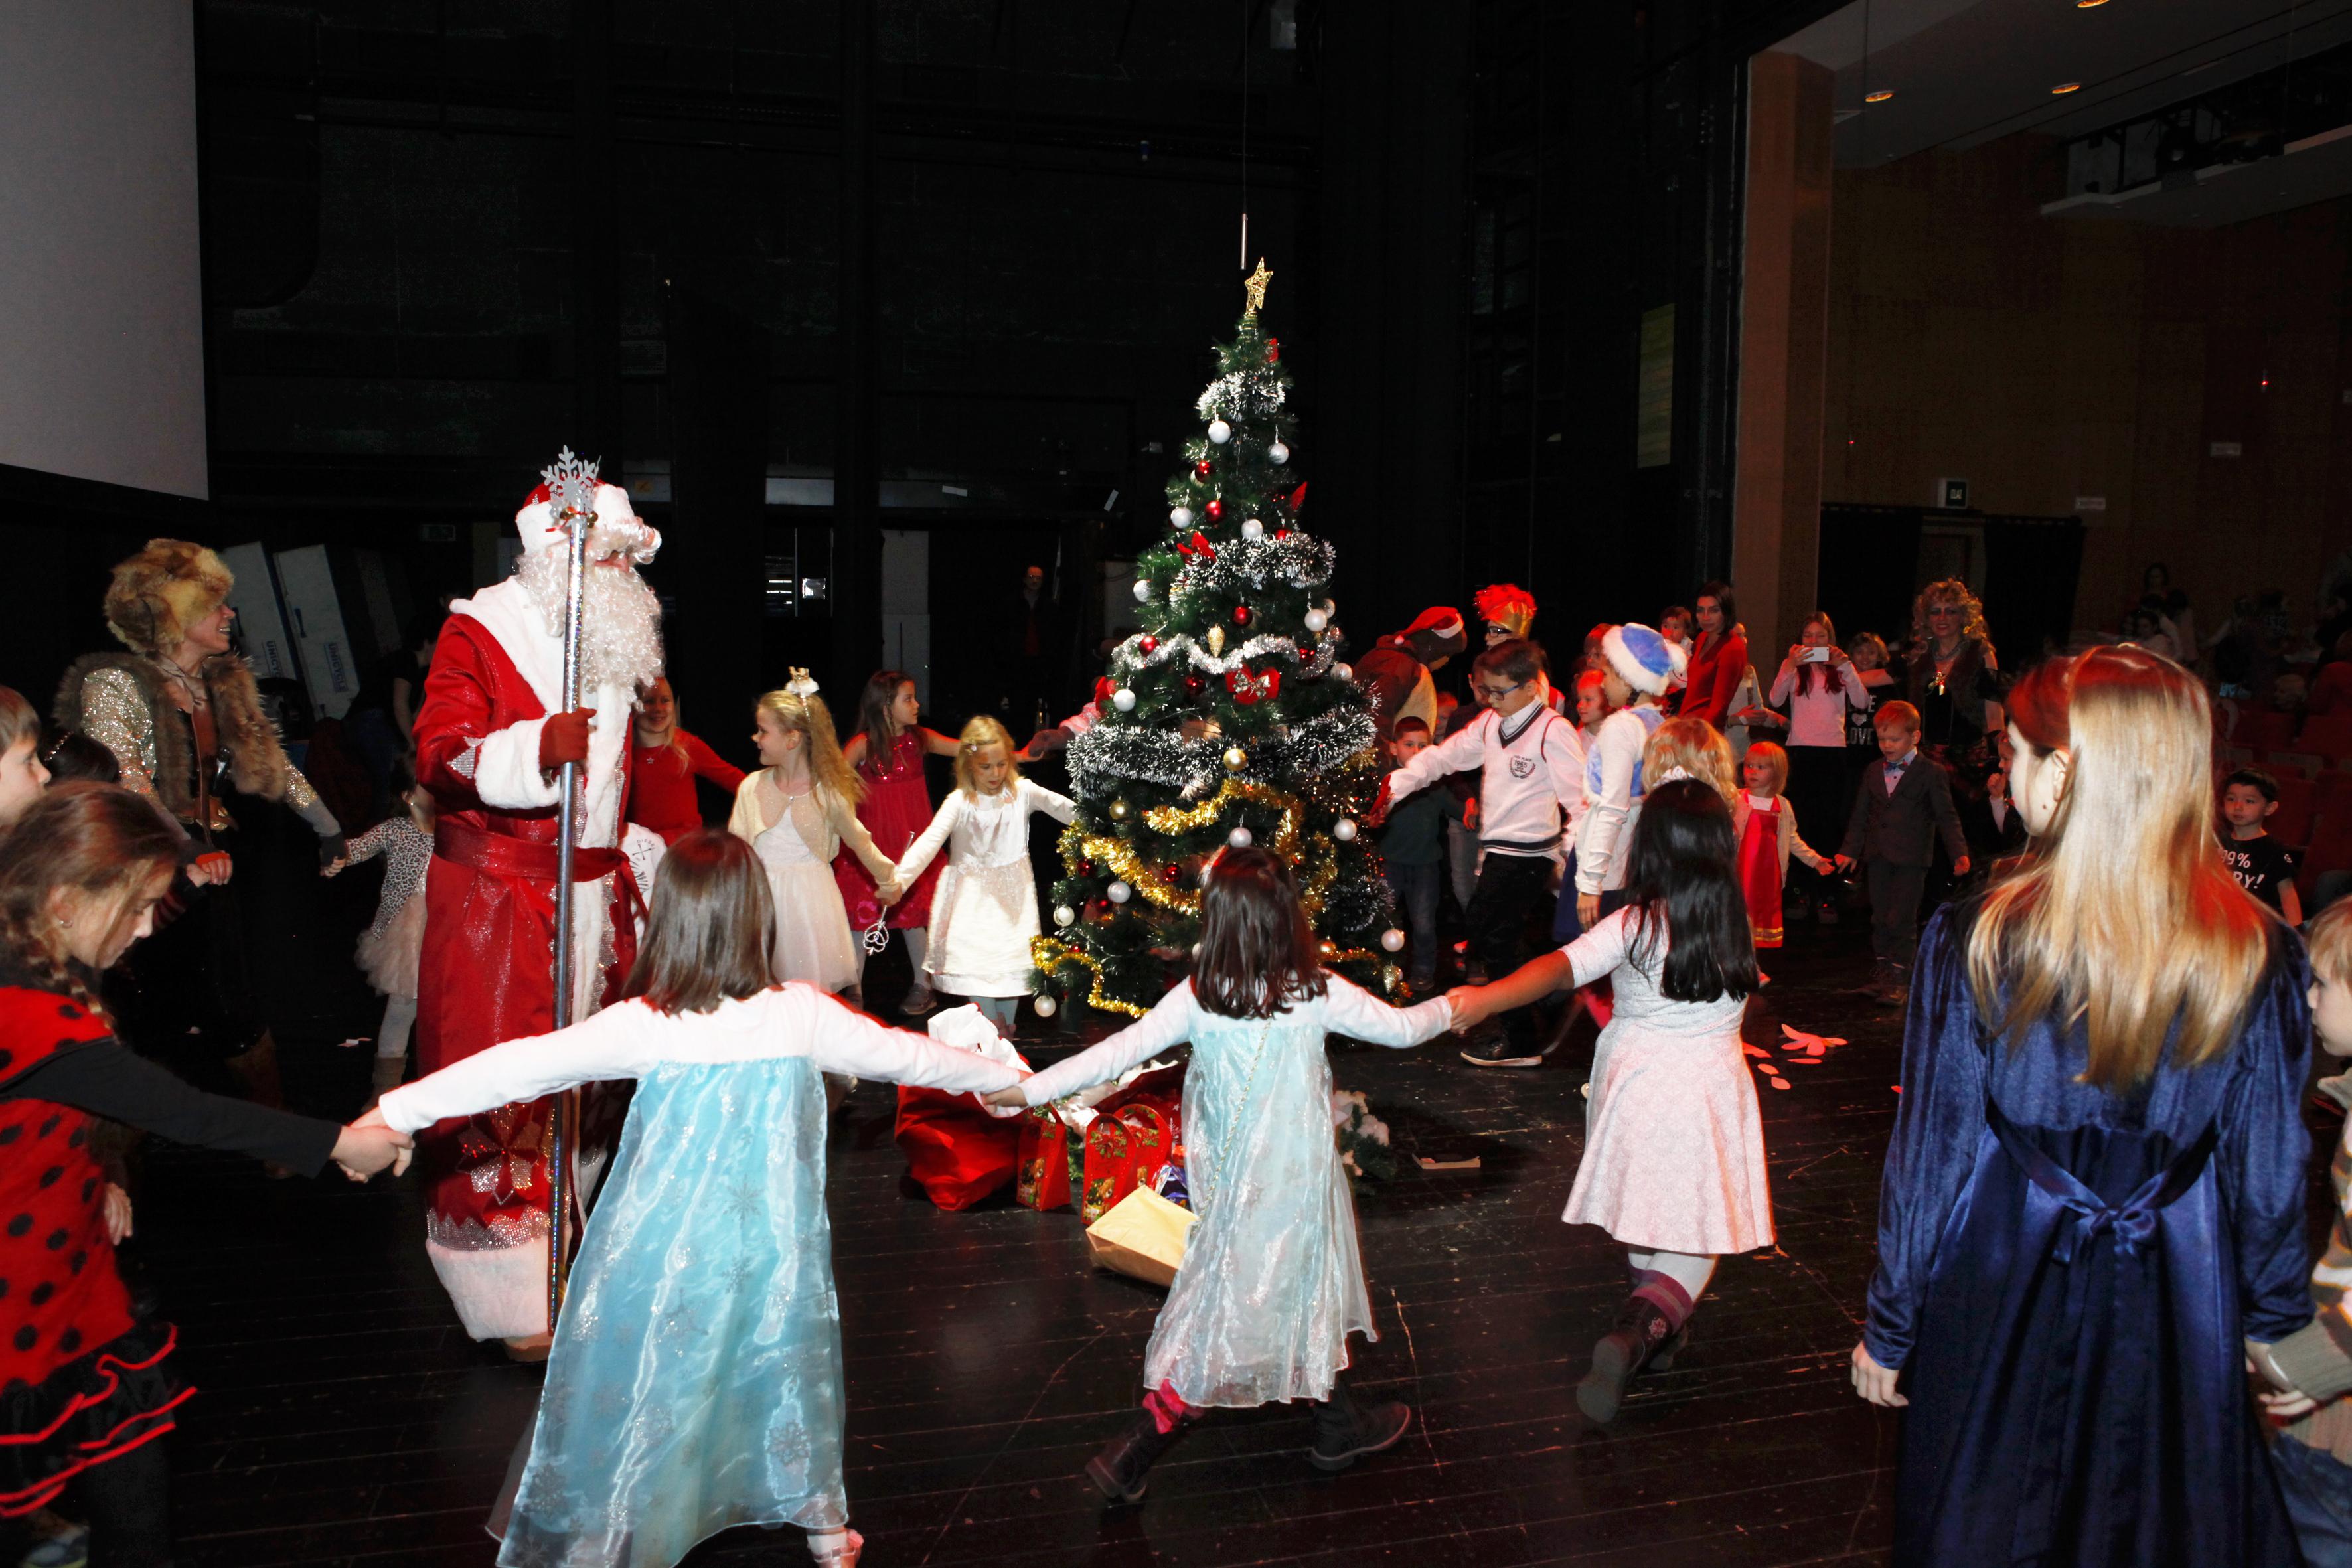 Darovi Veleposlanstva RF u Hrvatskoj razveselili su kako male posjetitelje predstave, tako i njihove roditelje, jer se radilo o oslikanim škrinjama punim ruskih bombona s okusom njihovog djetinjstva.